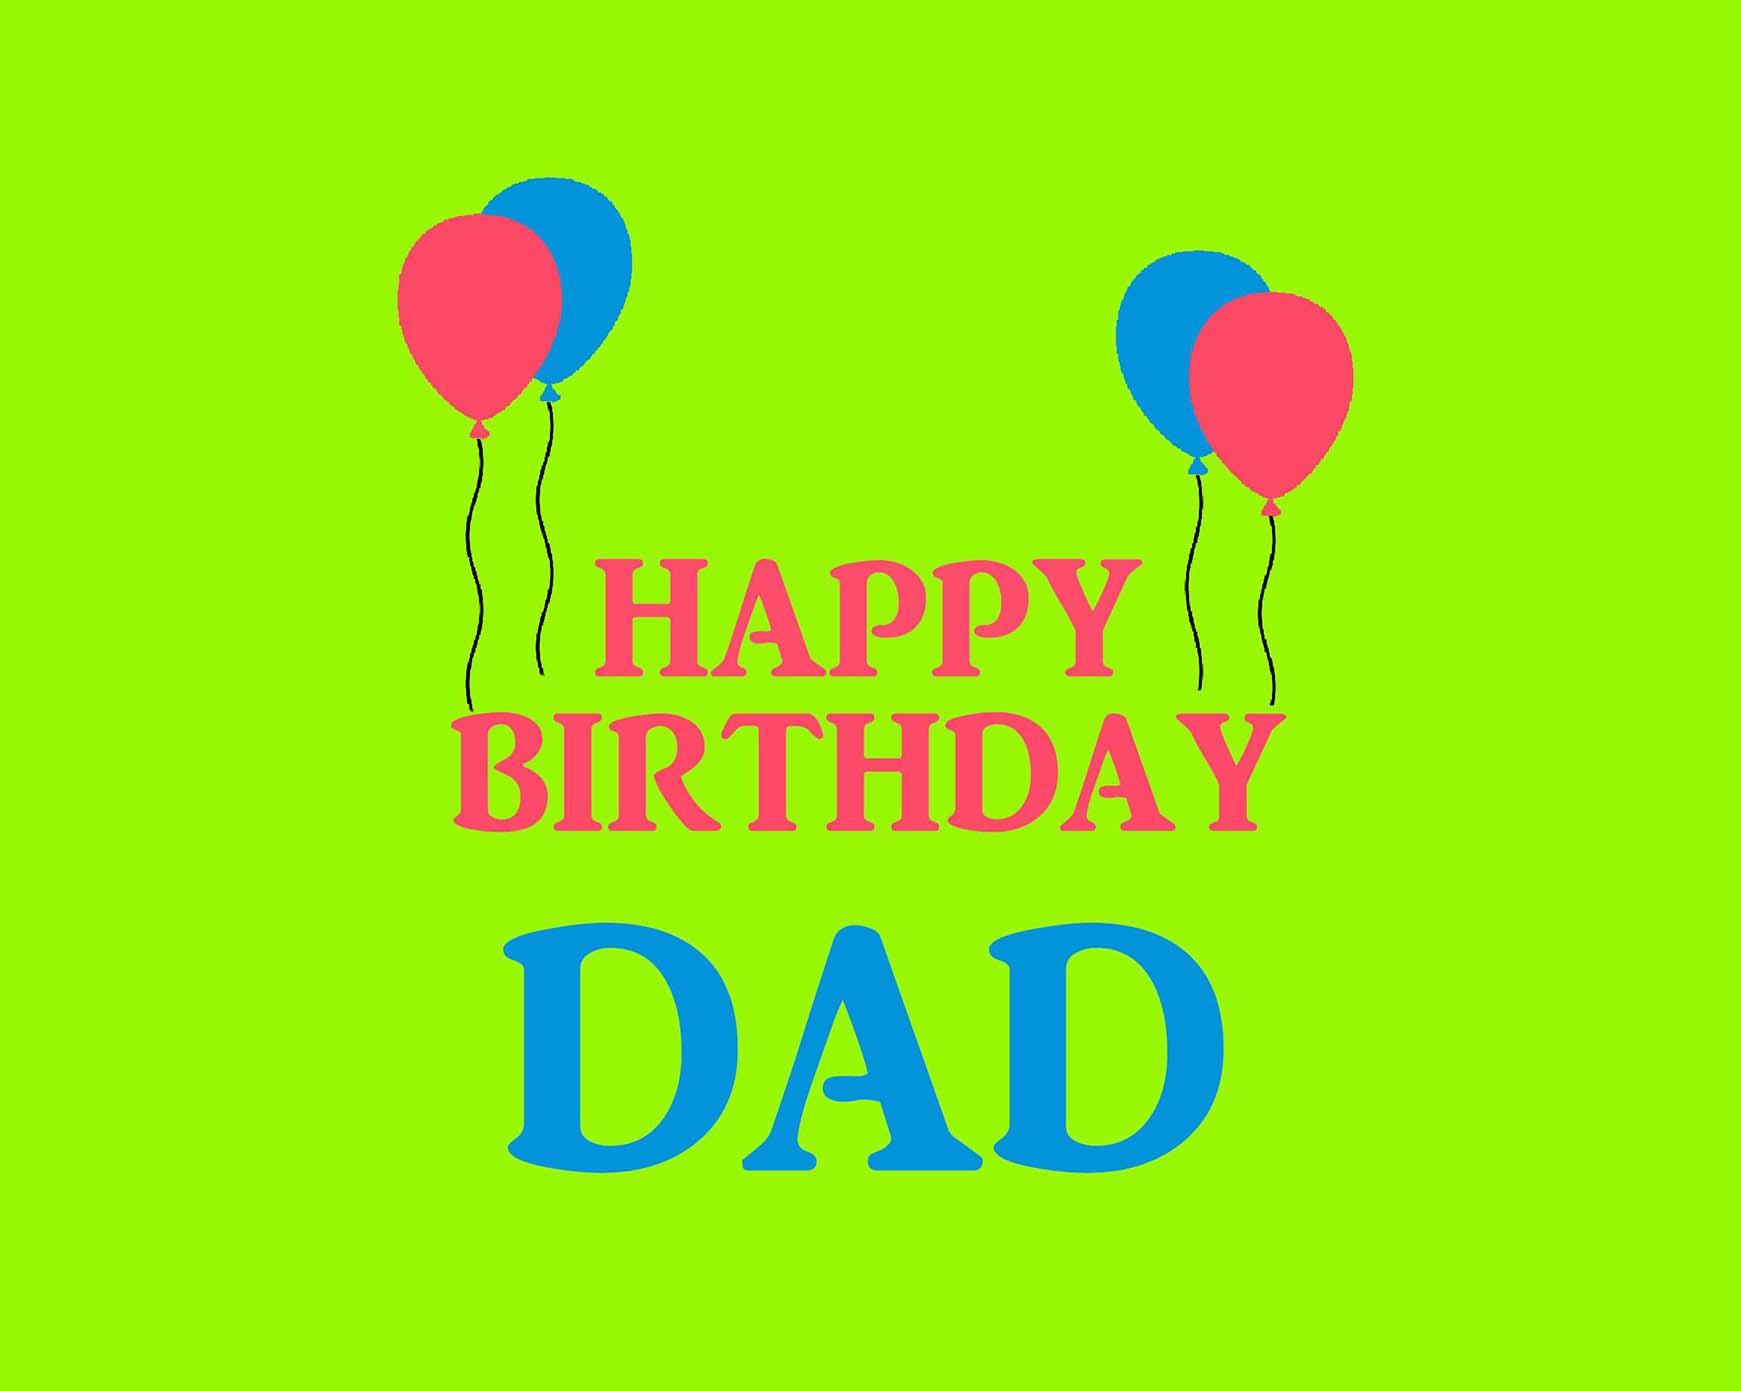 241-Happy-bday-dad.jpg